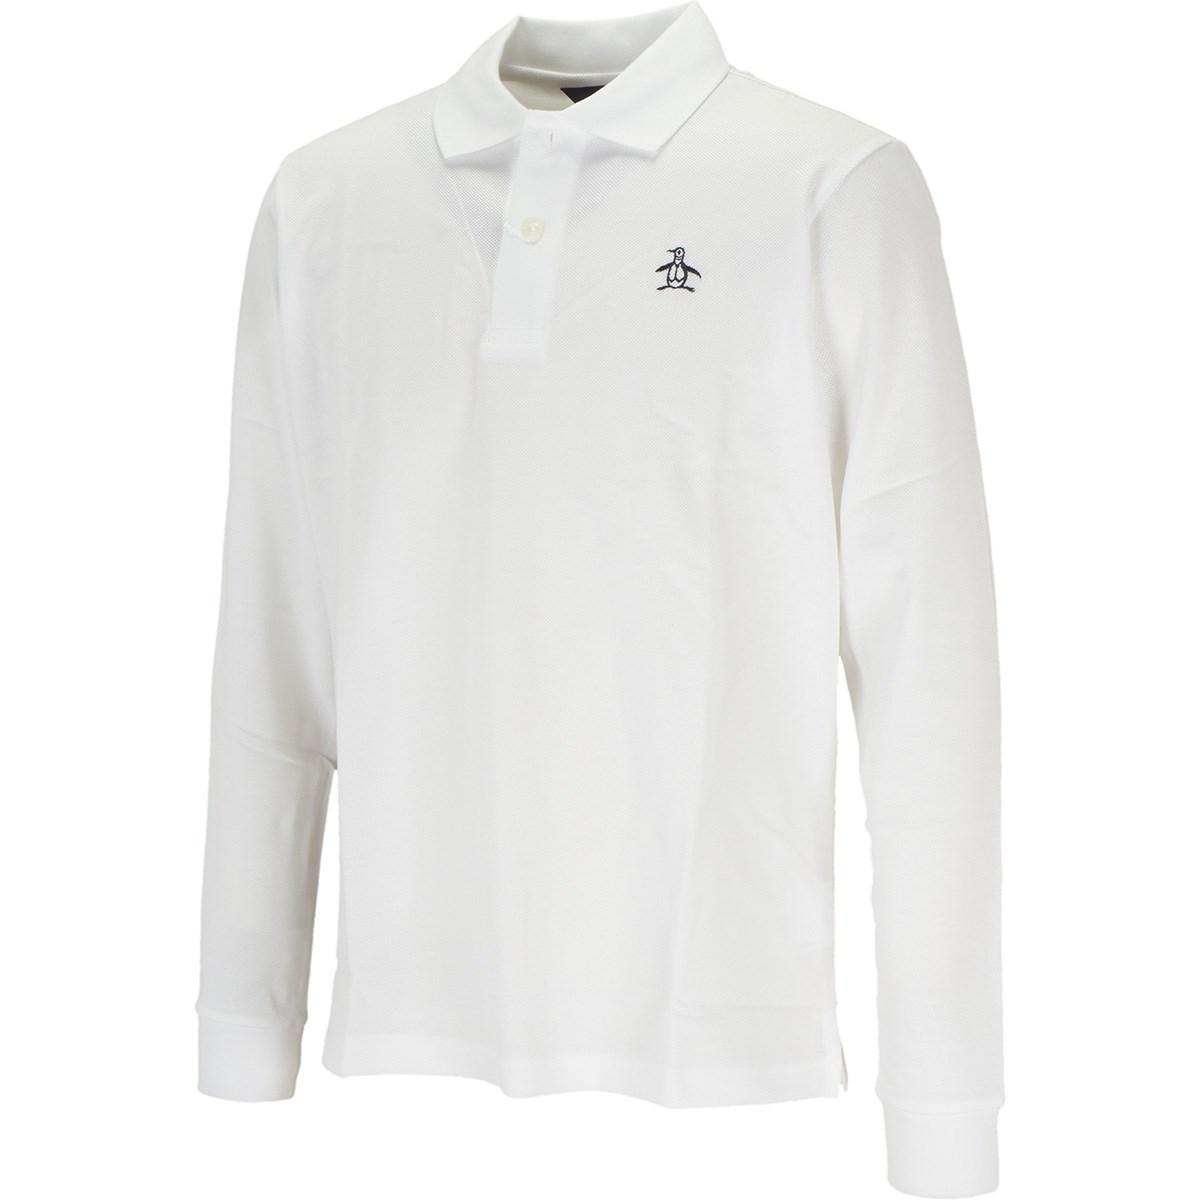 マンシングウェア Munsingwear ONE THING マナードリトルピート 長袖ポロシャツ M ホワイト 00